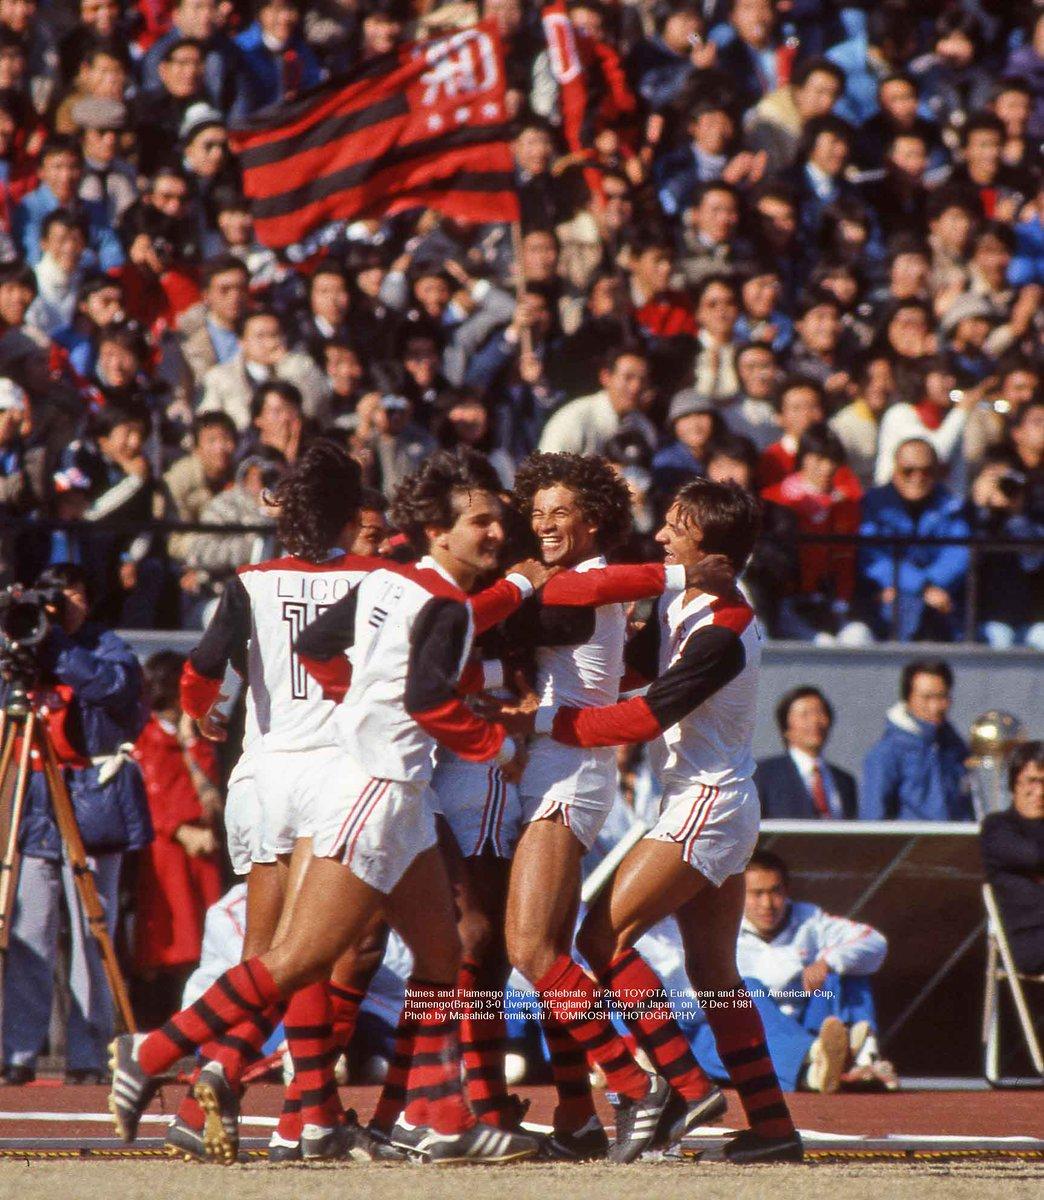 Duelo de gigantes: Adílio ou Nunes, quem marcou mais a história do Flamengo?